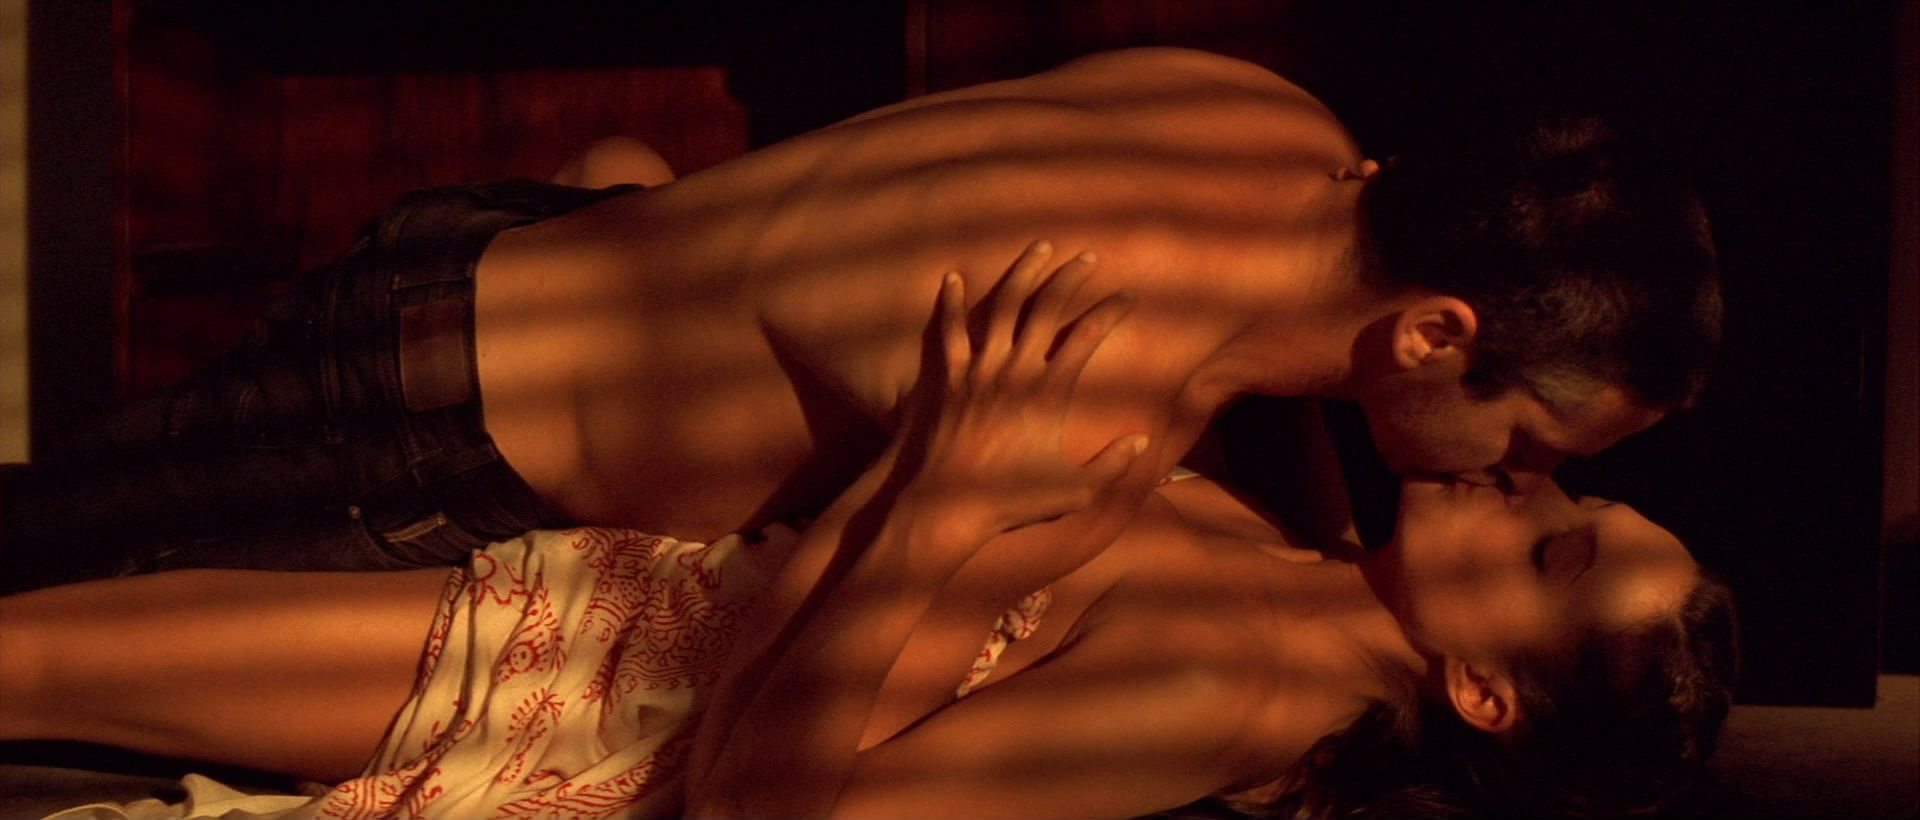 gif-erotika-strast